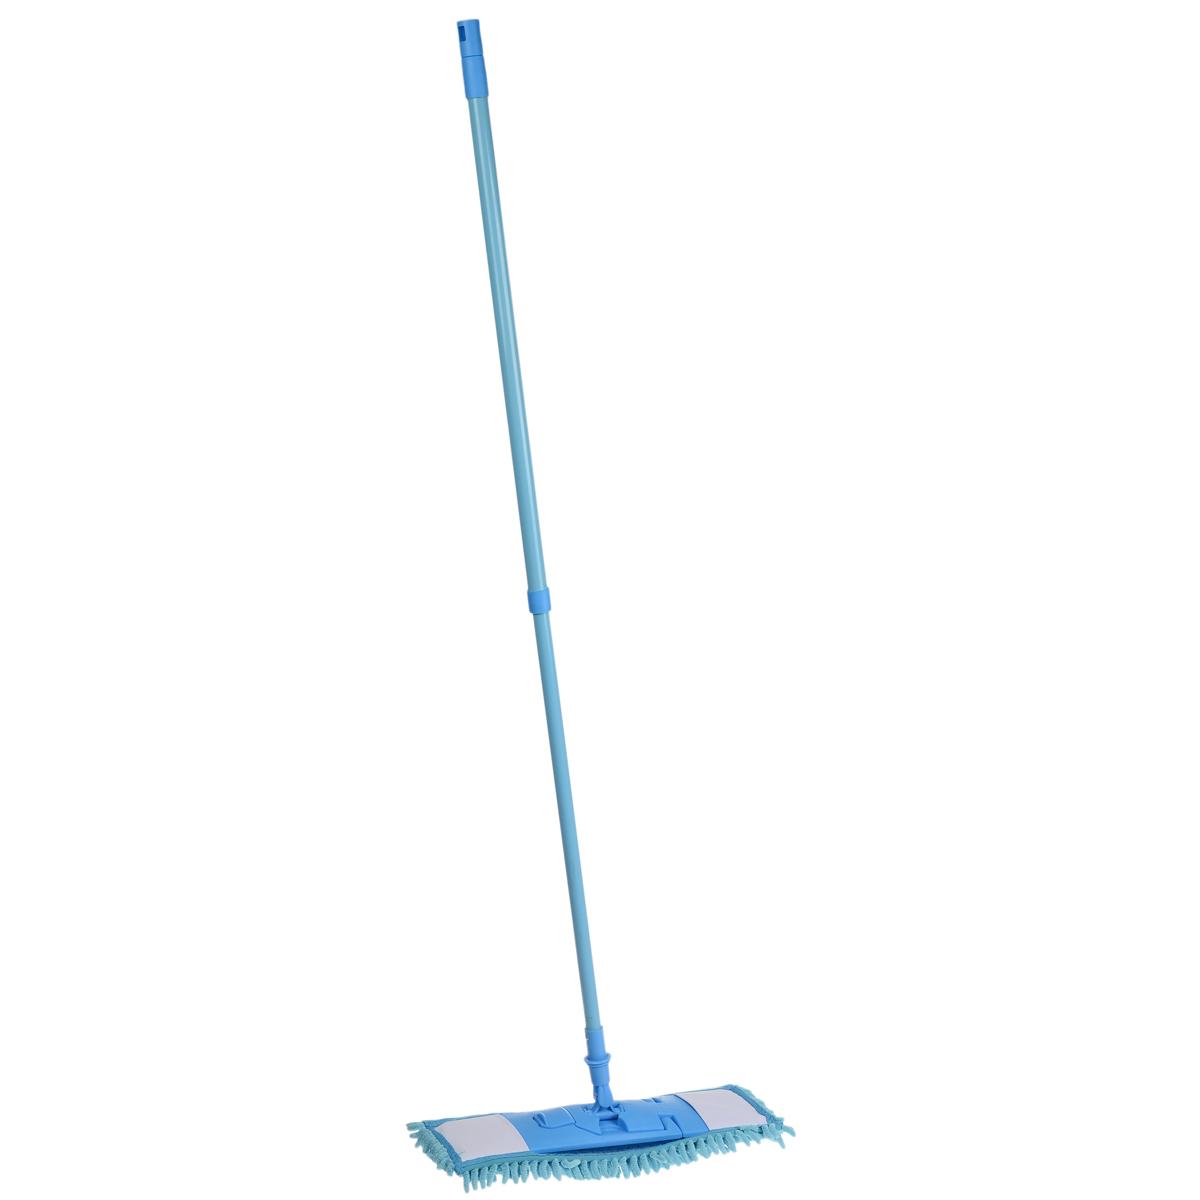 Швабра Home Queen Еврокласс с телескопической ручкой, цвет: голубой, 73-126 см100-49000000-60Швабра Home Queen Еврокласс, выполненная из высококачественной стали, полипропилена, полиэстера и полиамида, идеально подходит для мытья всех типов напольных поверхностей: паркет, ламинат, линолеум, кафельная плитка. Материал насадки - шенилл (разновидность микрофибры) обладает высокой износостойкостью, не царапает поверхности и отлично впитывает влагу. Кроме того, сверхтонкое волокно микрофибры состоит из двух полимеров, соединенных в одну нить. Один из полимеров обладает свойством притягивать жирные и маслянистые вещества, таким образом, масло и жир прилипают непосредственно к волокнам насадки, что позволяет во многих случаях не использовать при уборке чистящие средства. Благодаря своей структуре, шенилловая насадка отлично моет углы. Телескопический механизм ручки позволяет выбрать необходимую вам длину, а также сэкономить место при хранении. Насадку можно стирать вручную или в стиральной машине с мягким моющим средством без использования кондиционера и отбеливателя, при температуре 30-40°С без кипячения.Длина ручки: 73-126 см.Размер насадки: 43 х 16 х 3 см.